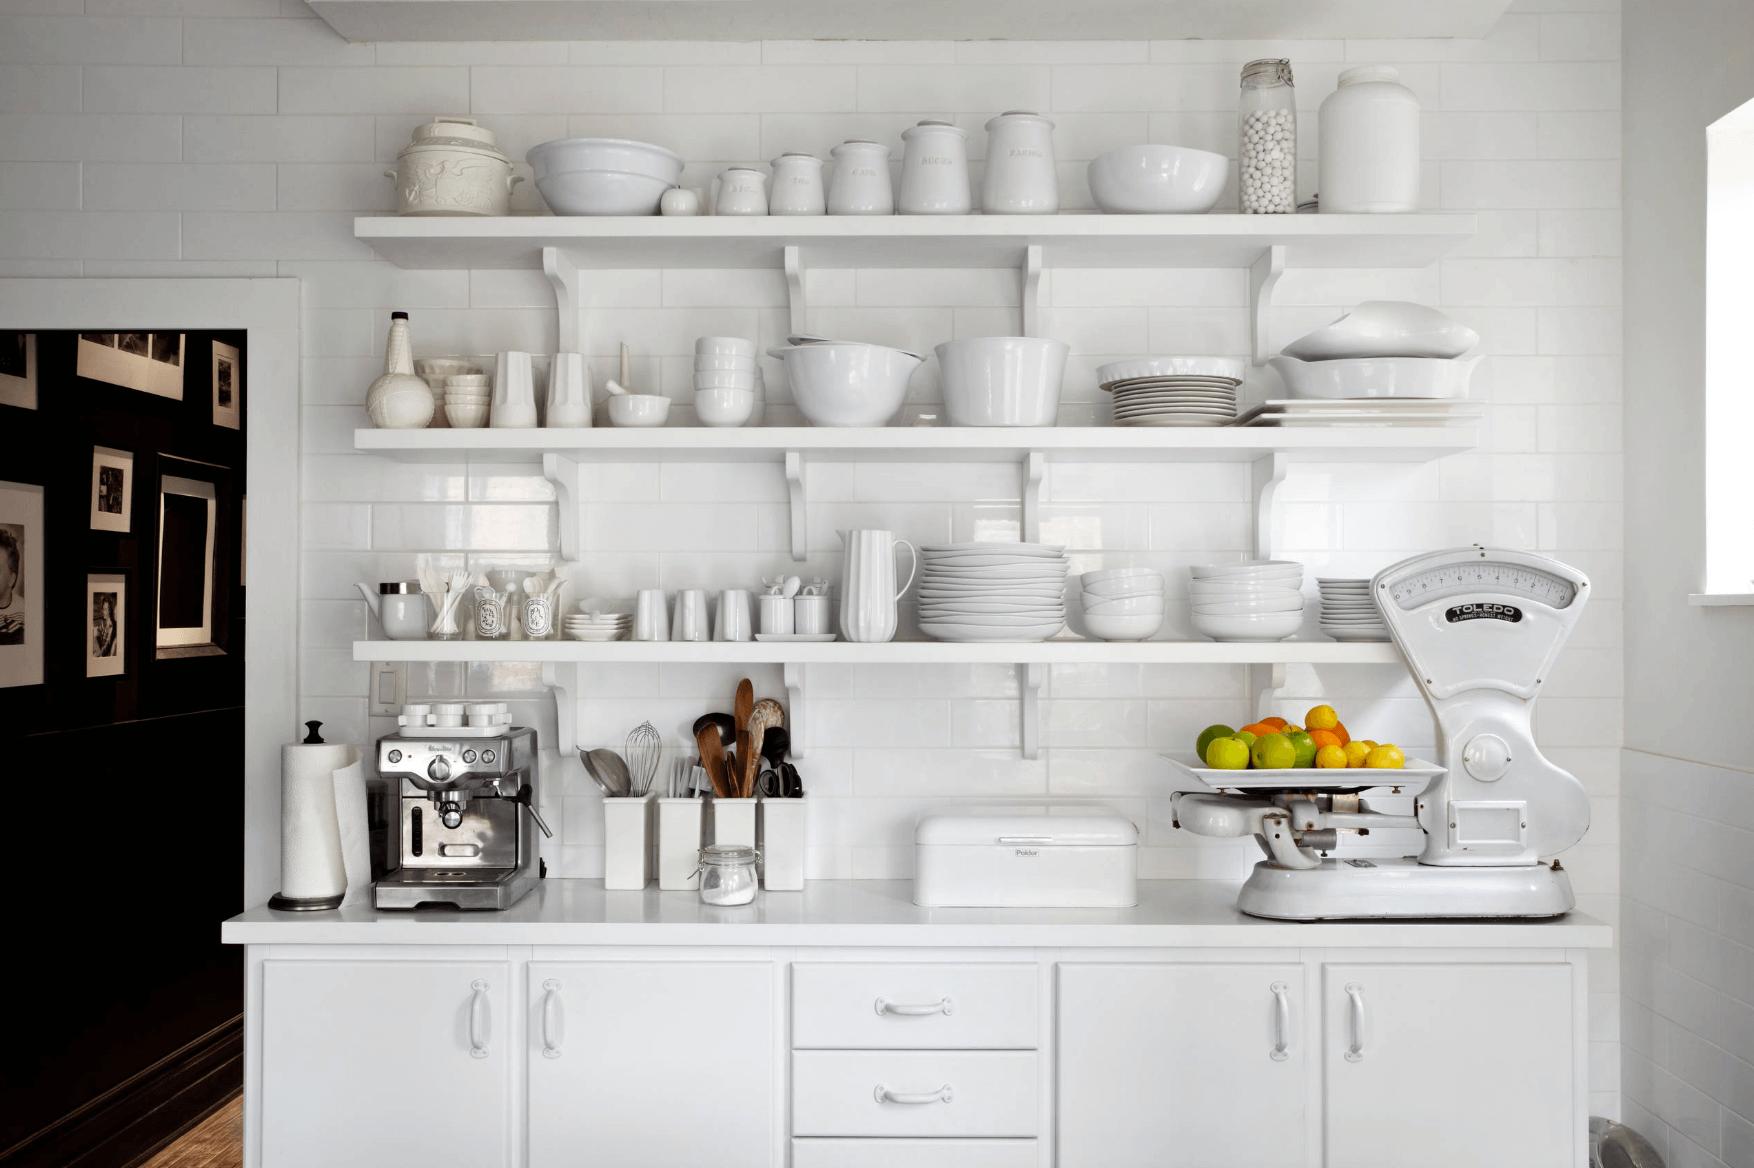 Белая посуда на белом открытом стеллаже на кухне